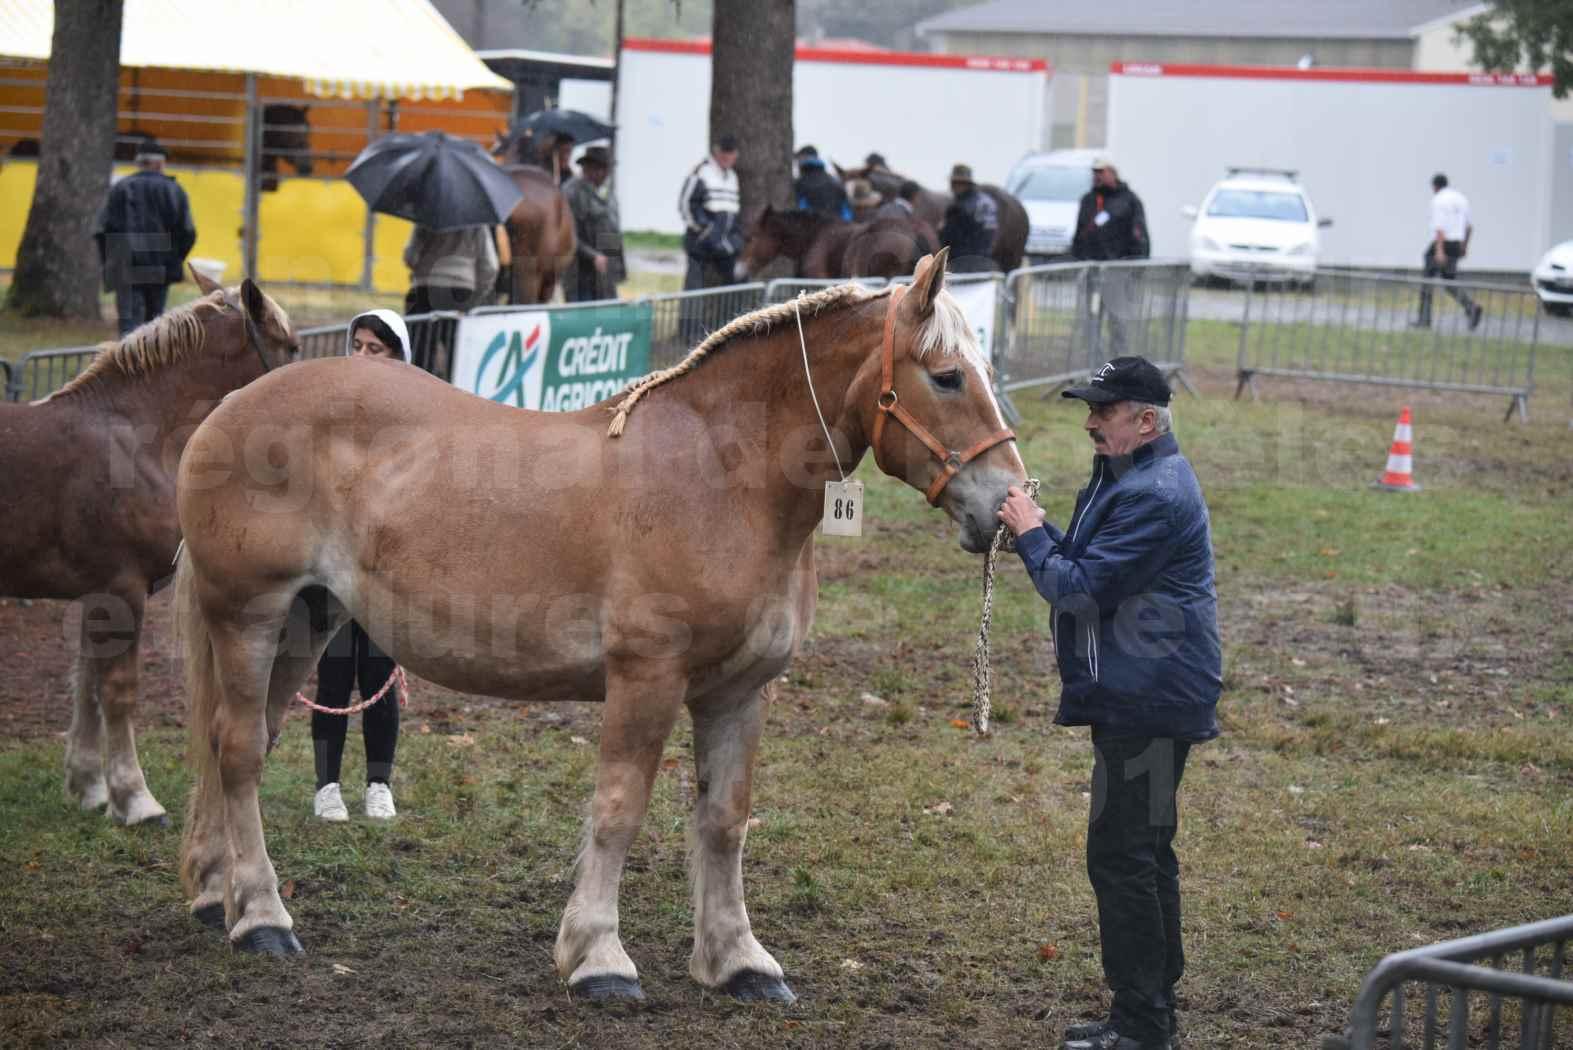 Concours Régional de chevaux de traits en 2017 - Trait BRETON - Jument suitée - OREE DES AMOUROUX - 02